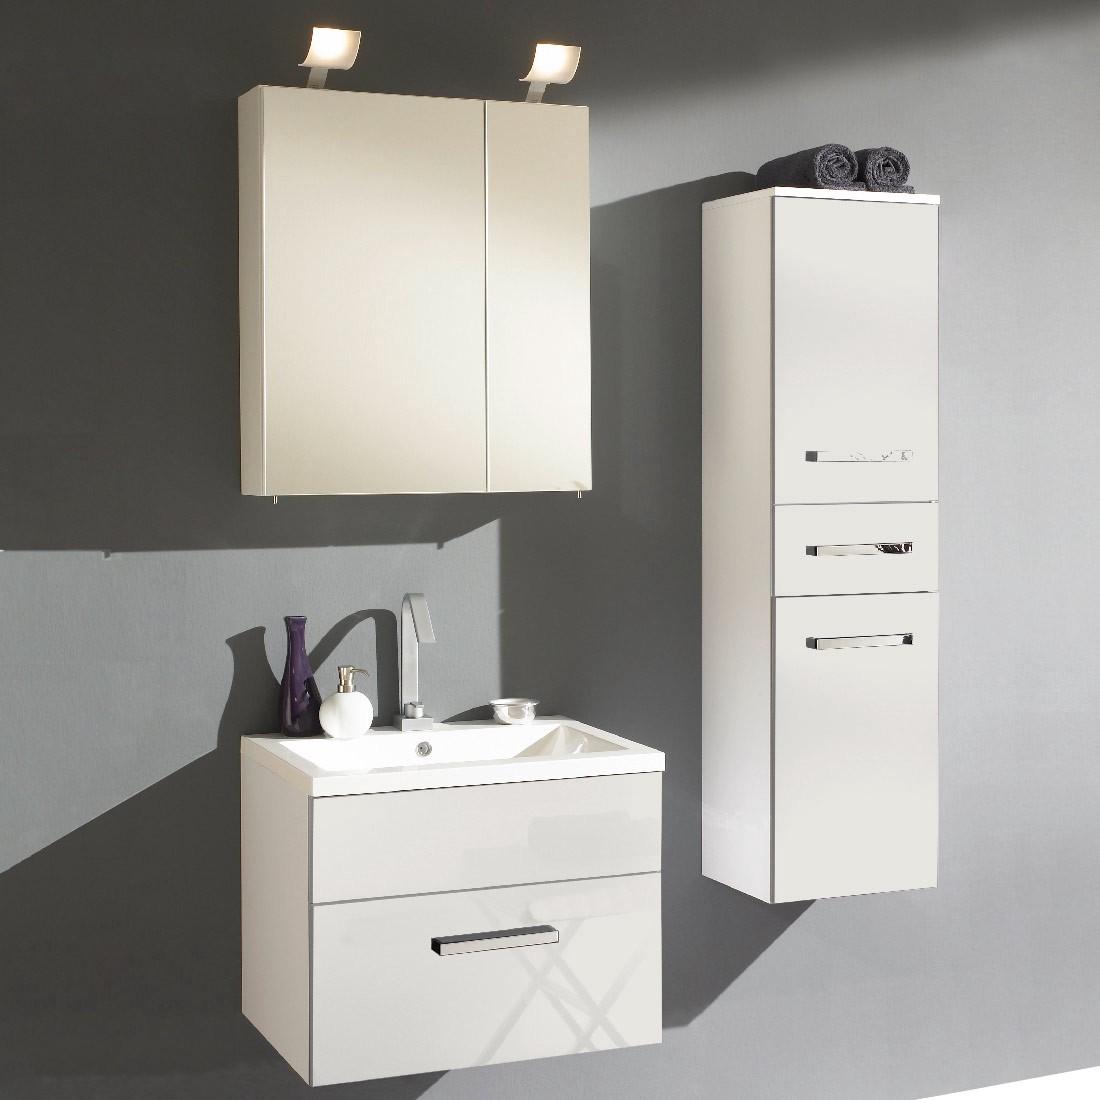 badezimmerset victoria 3 teilig inklusive waschbecken 60cm wei hochglanz. Black Bedroom Furniture Sets. Home Design Ideas